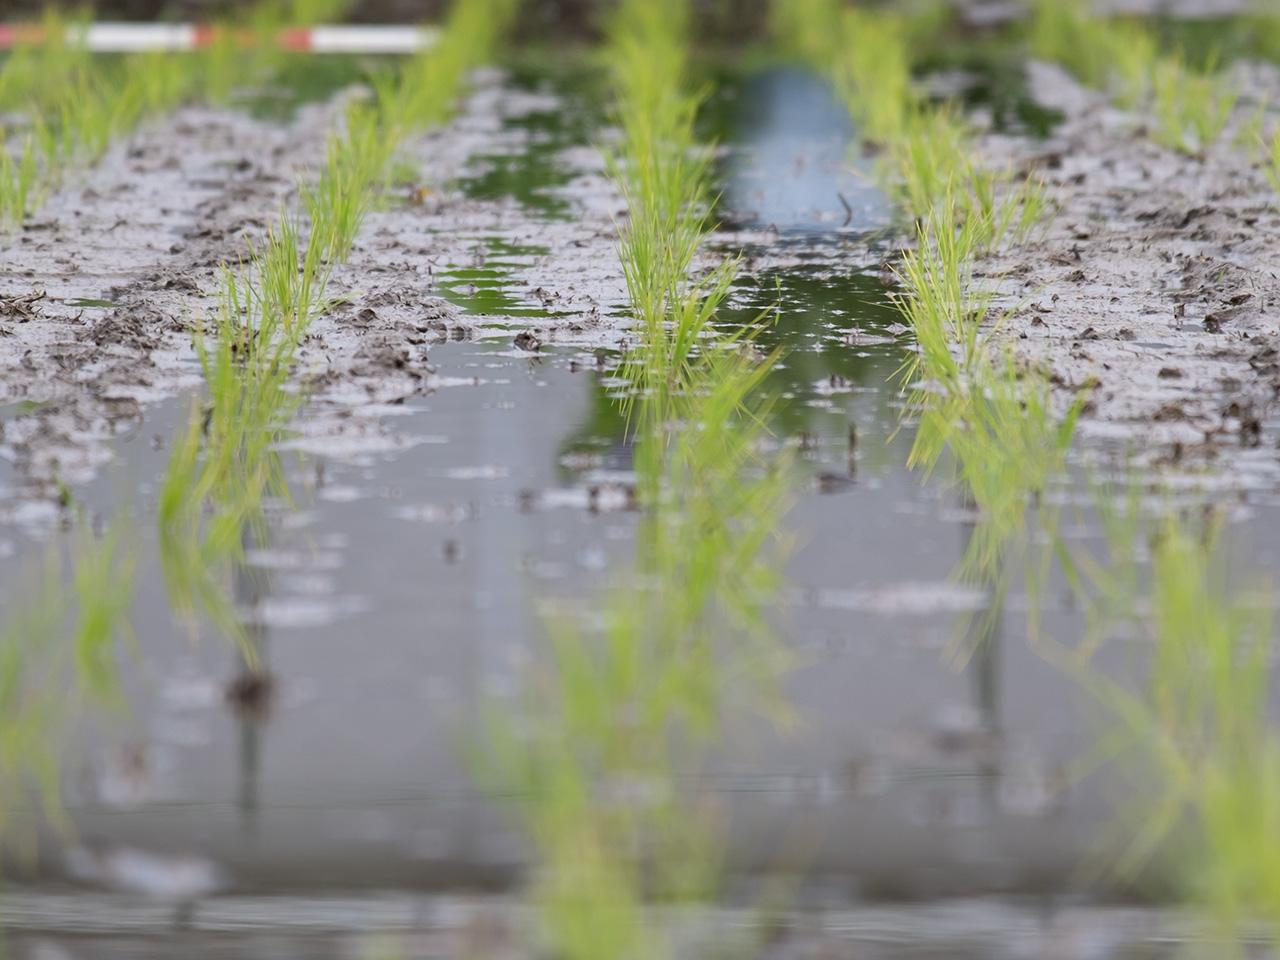 稲(いね)の苗(なえ)の写真(フリー素材)